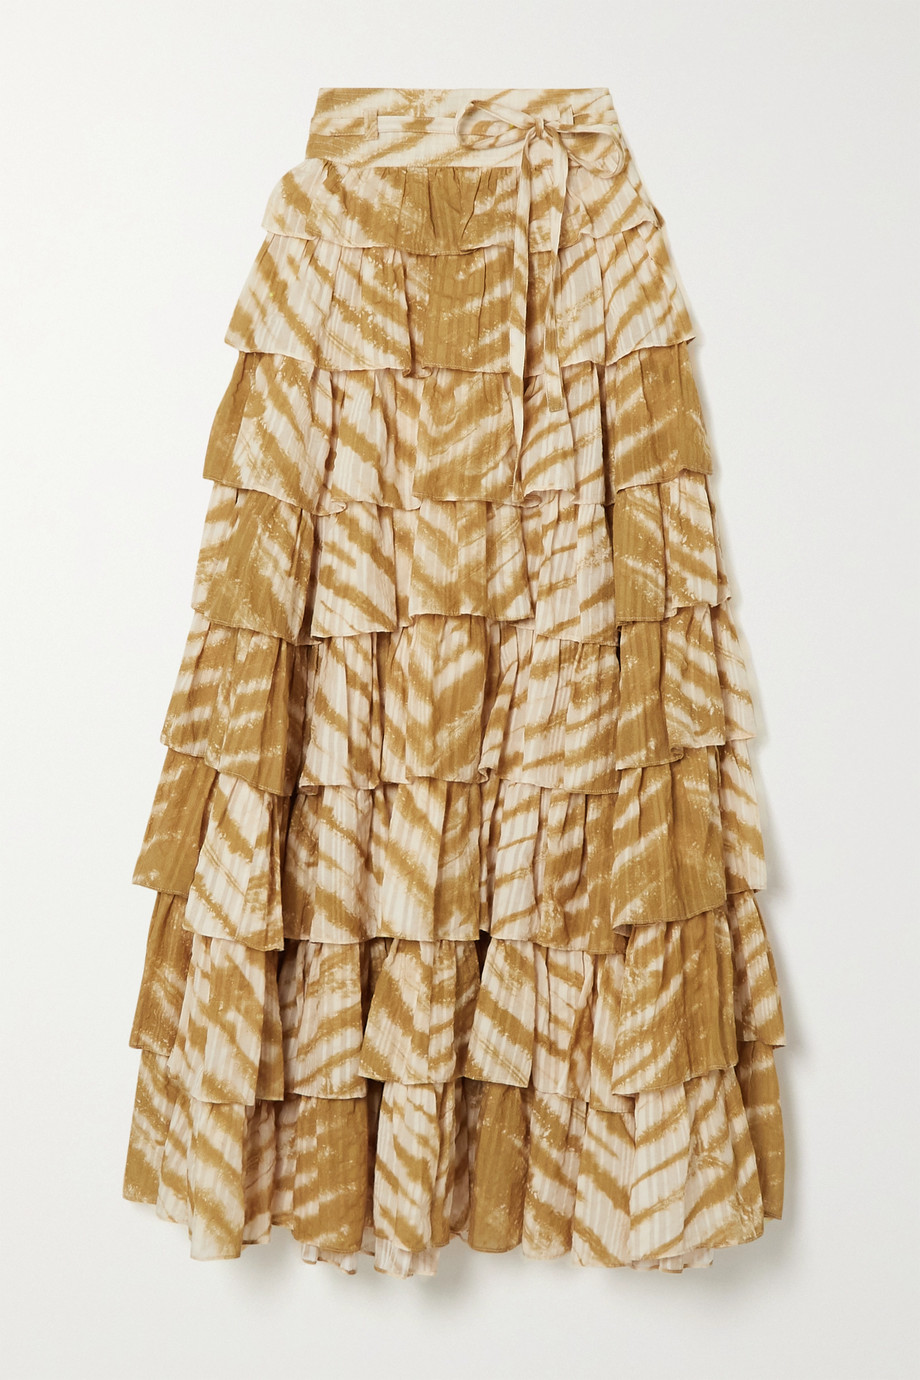 Ulla Johnson Margot ruffled tiered tie-dyed cotton skirt